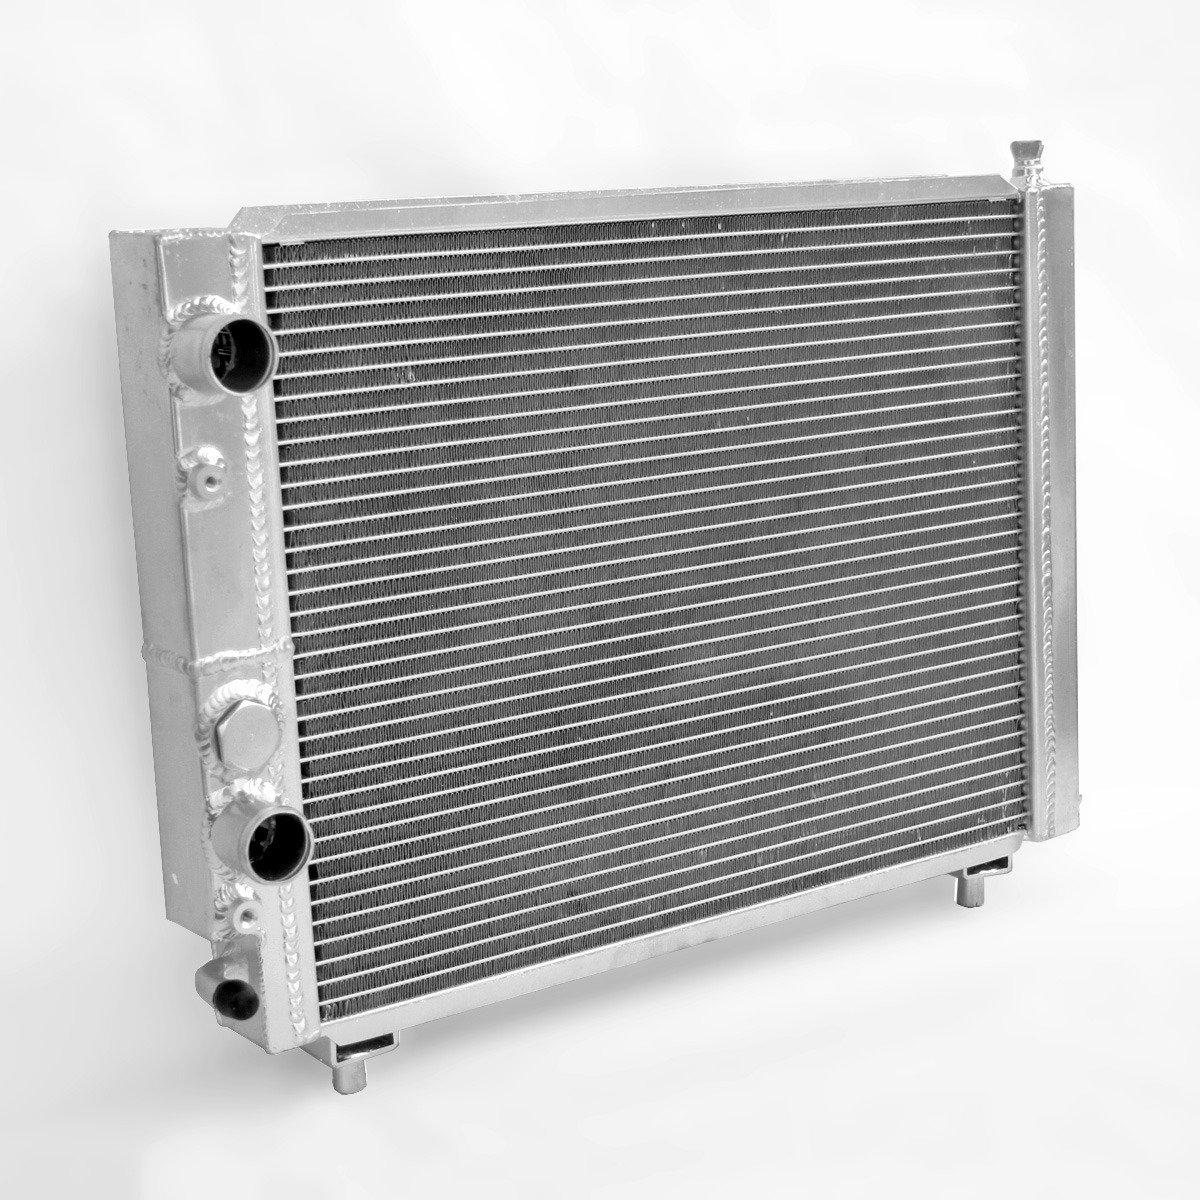 Supeedmotor Radiador para Lancia Delta HF Integrale 8 V/16 V/EVO 2.0 Turbo Carrera de aluminio de 1987 - 1995: Amazon.es: Coche y moto